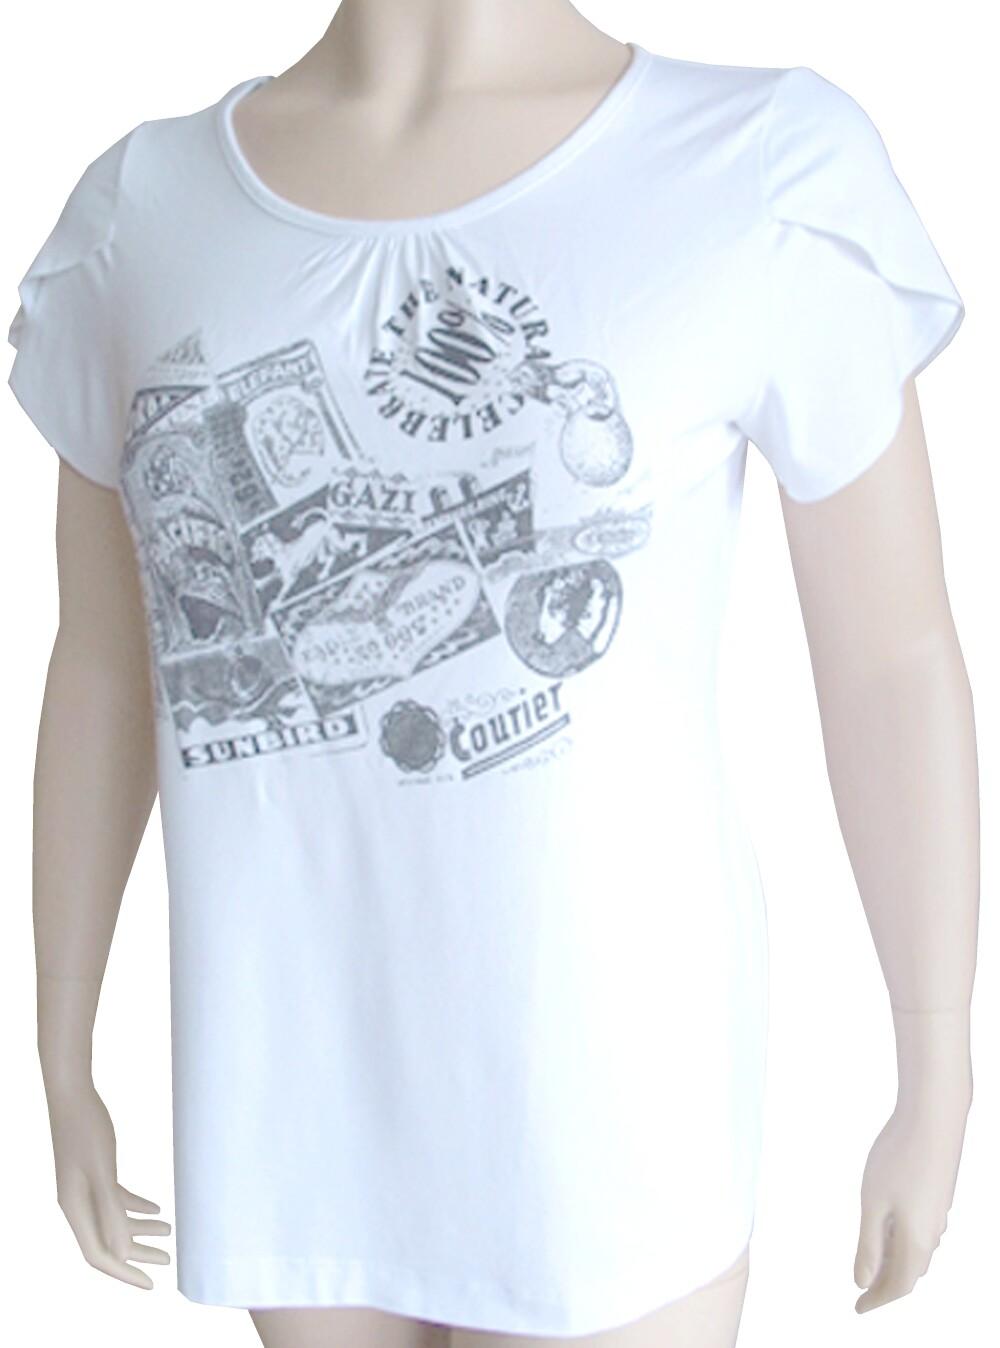 Designer-Longsleeve-Shirt-neu-MAXIMA-Gr-46-Weiss